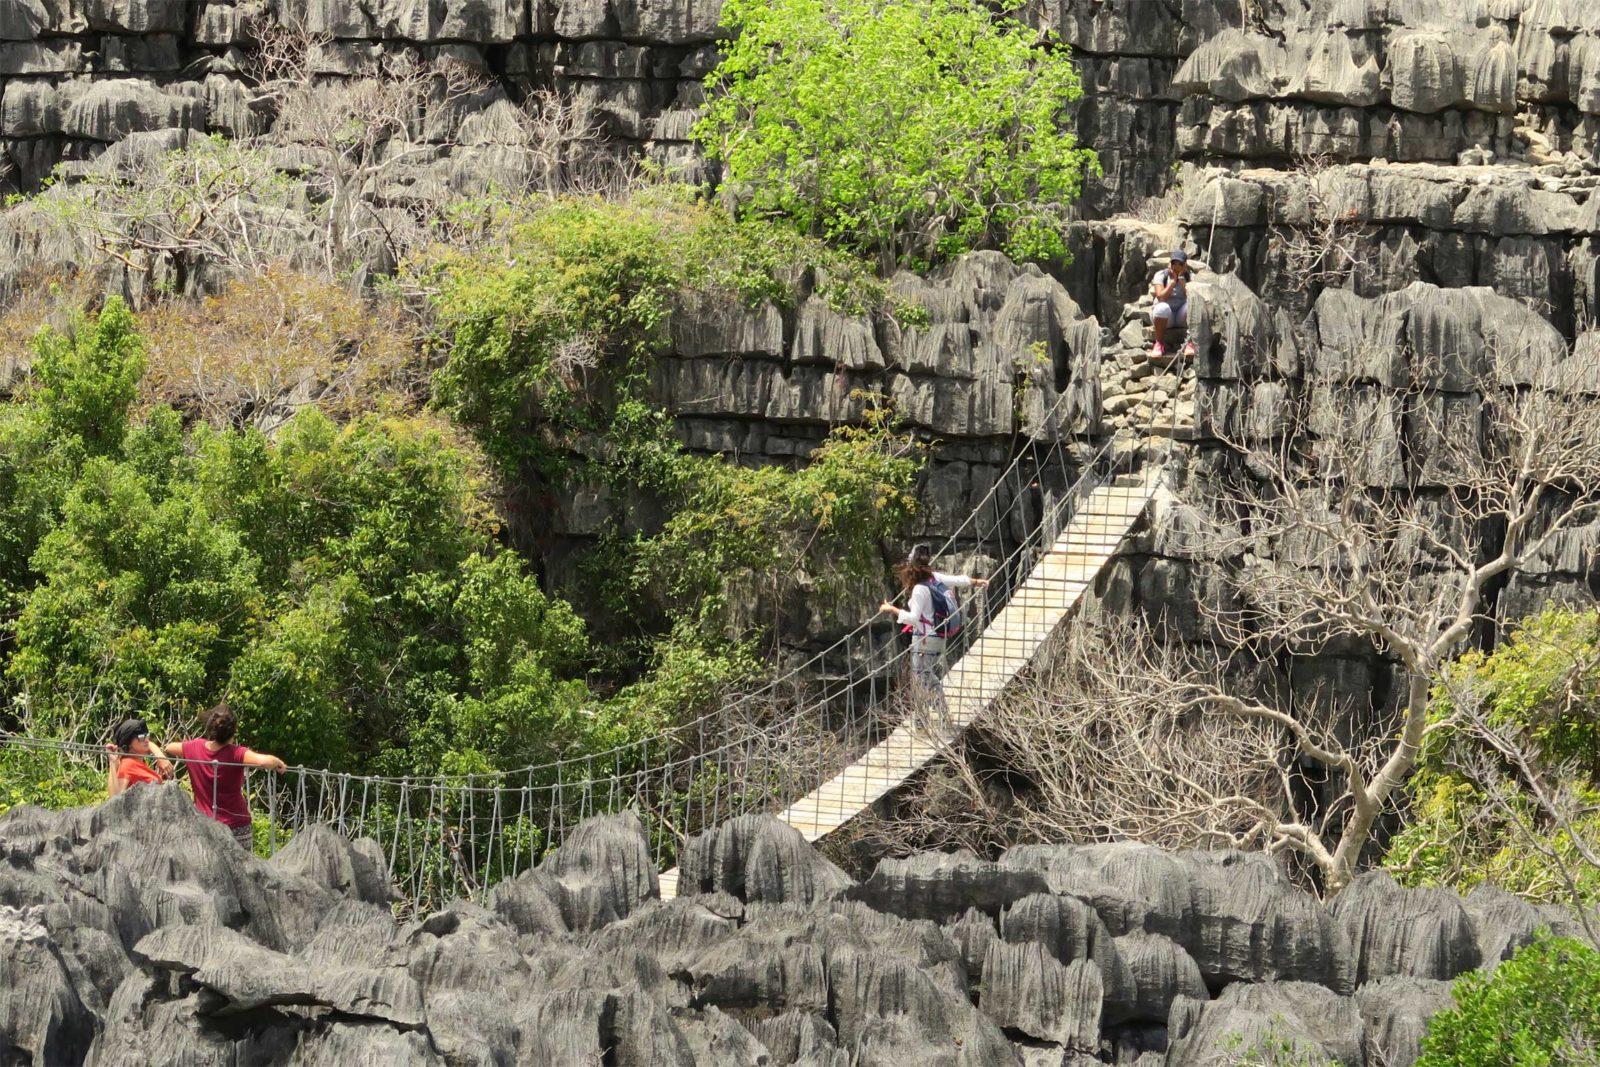 Tsingy-Ankarana